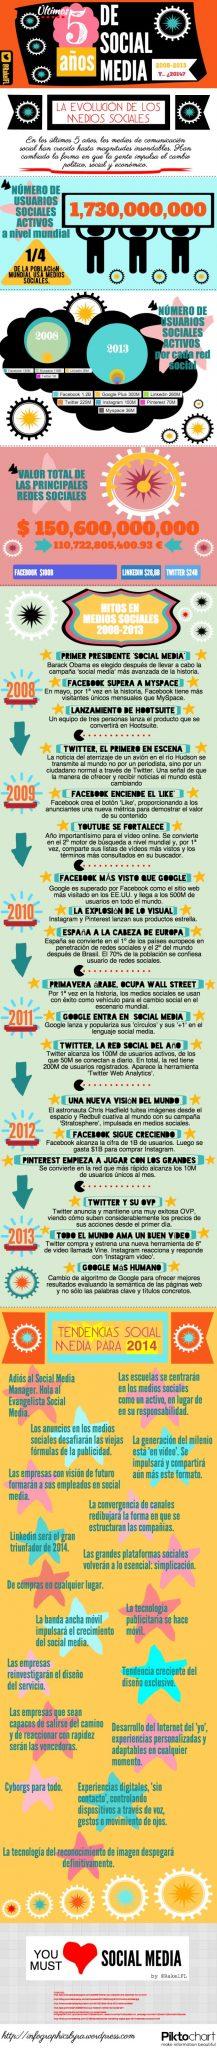 Crecimiento de los últimos 5 años de Social Media.